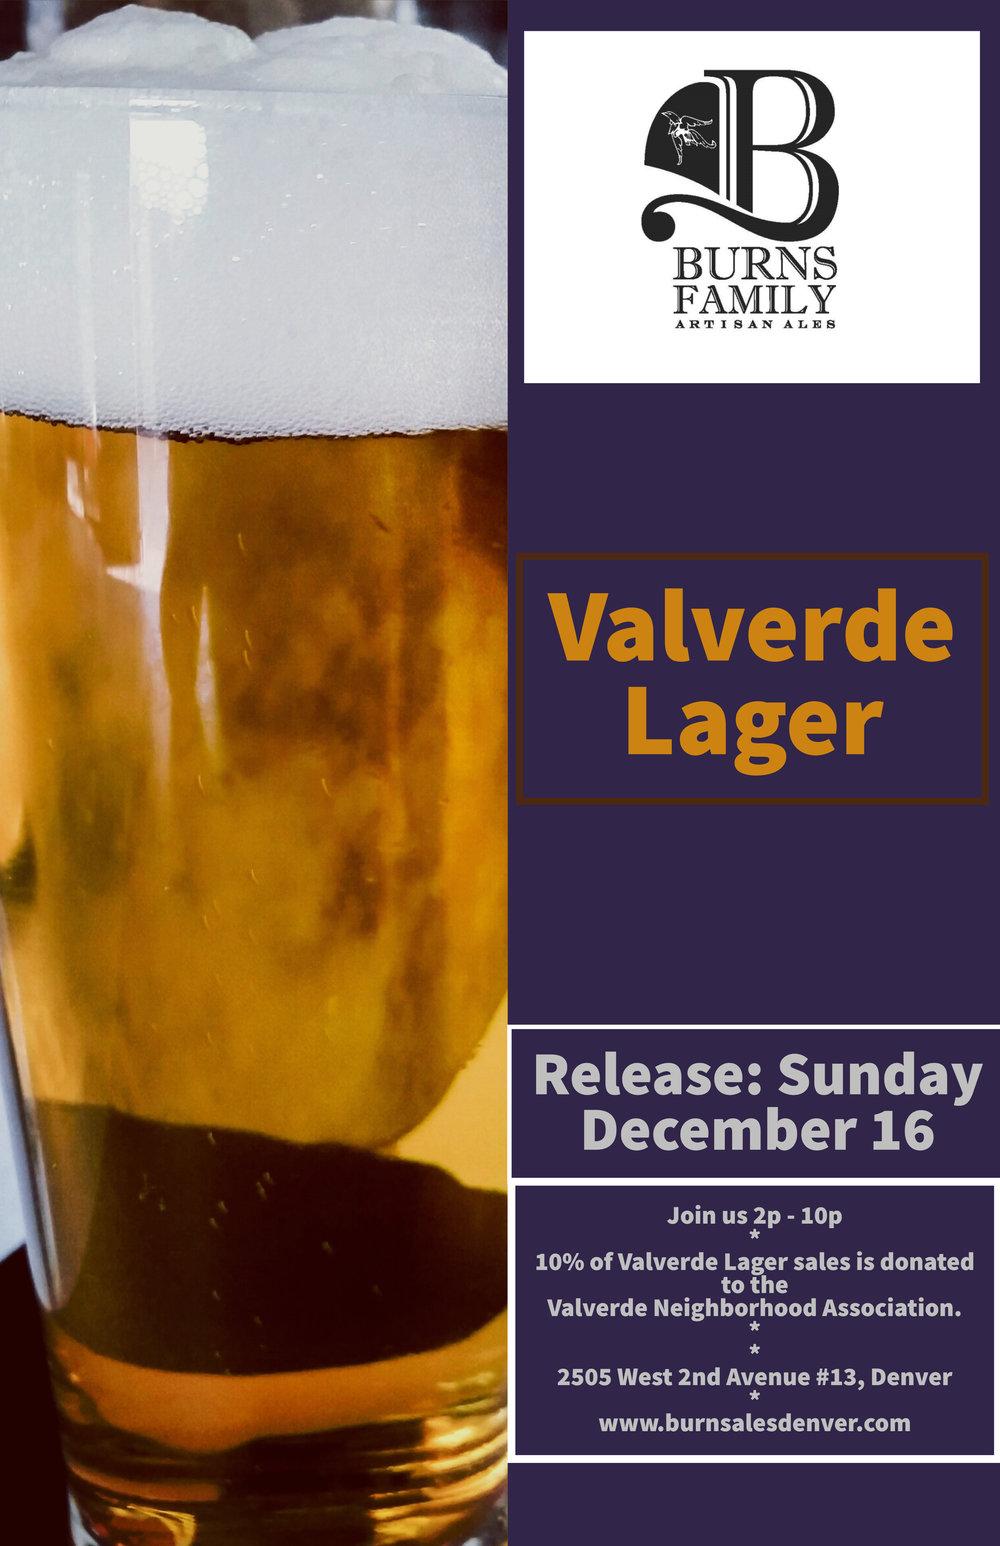 valverde lager release (poster).jpg